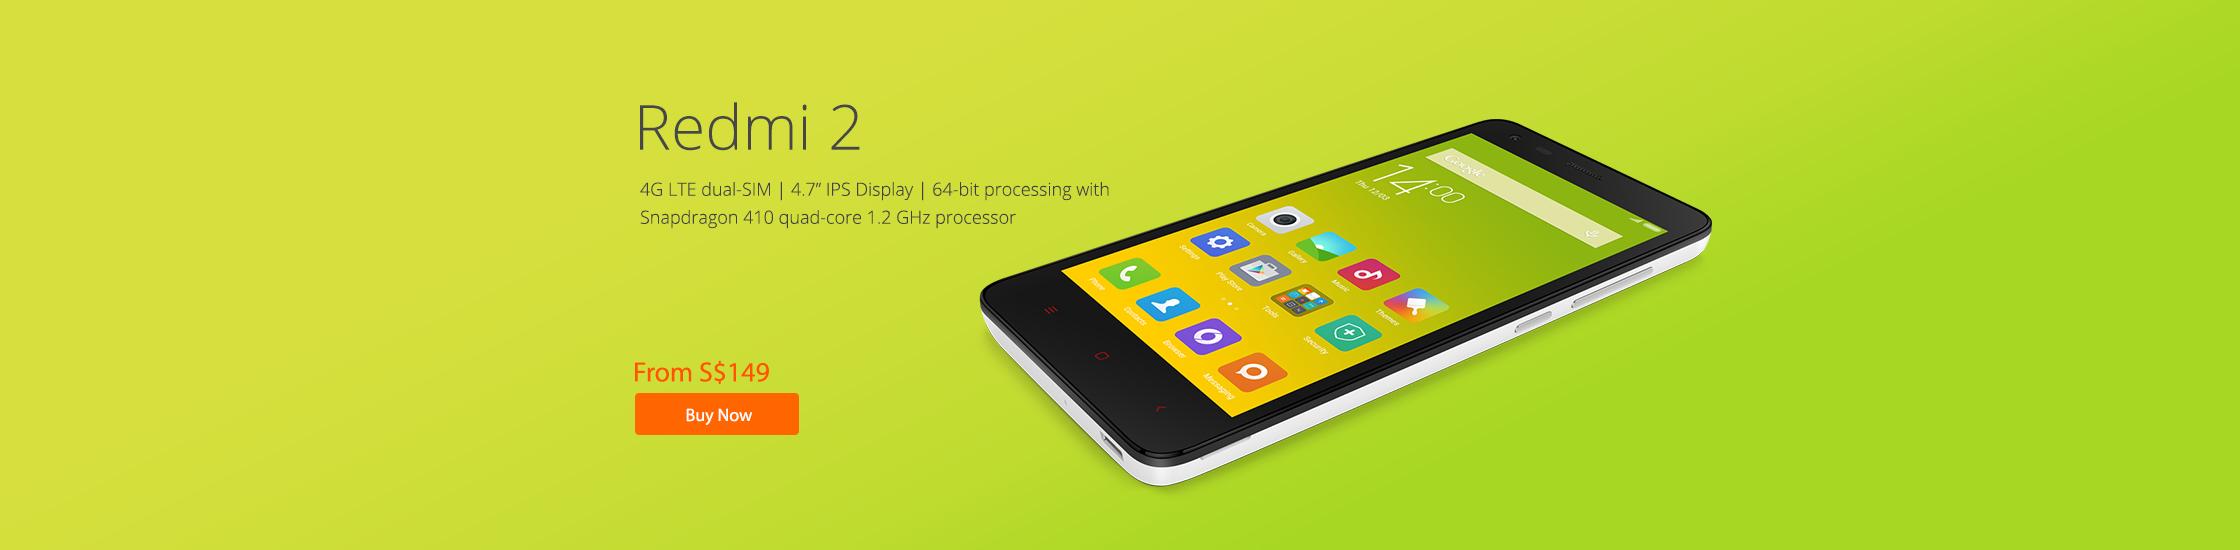 Redmi 2 - Buy Now